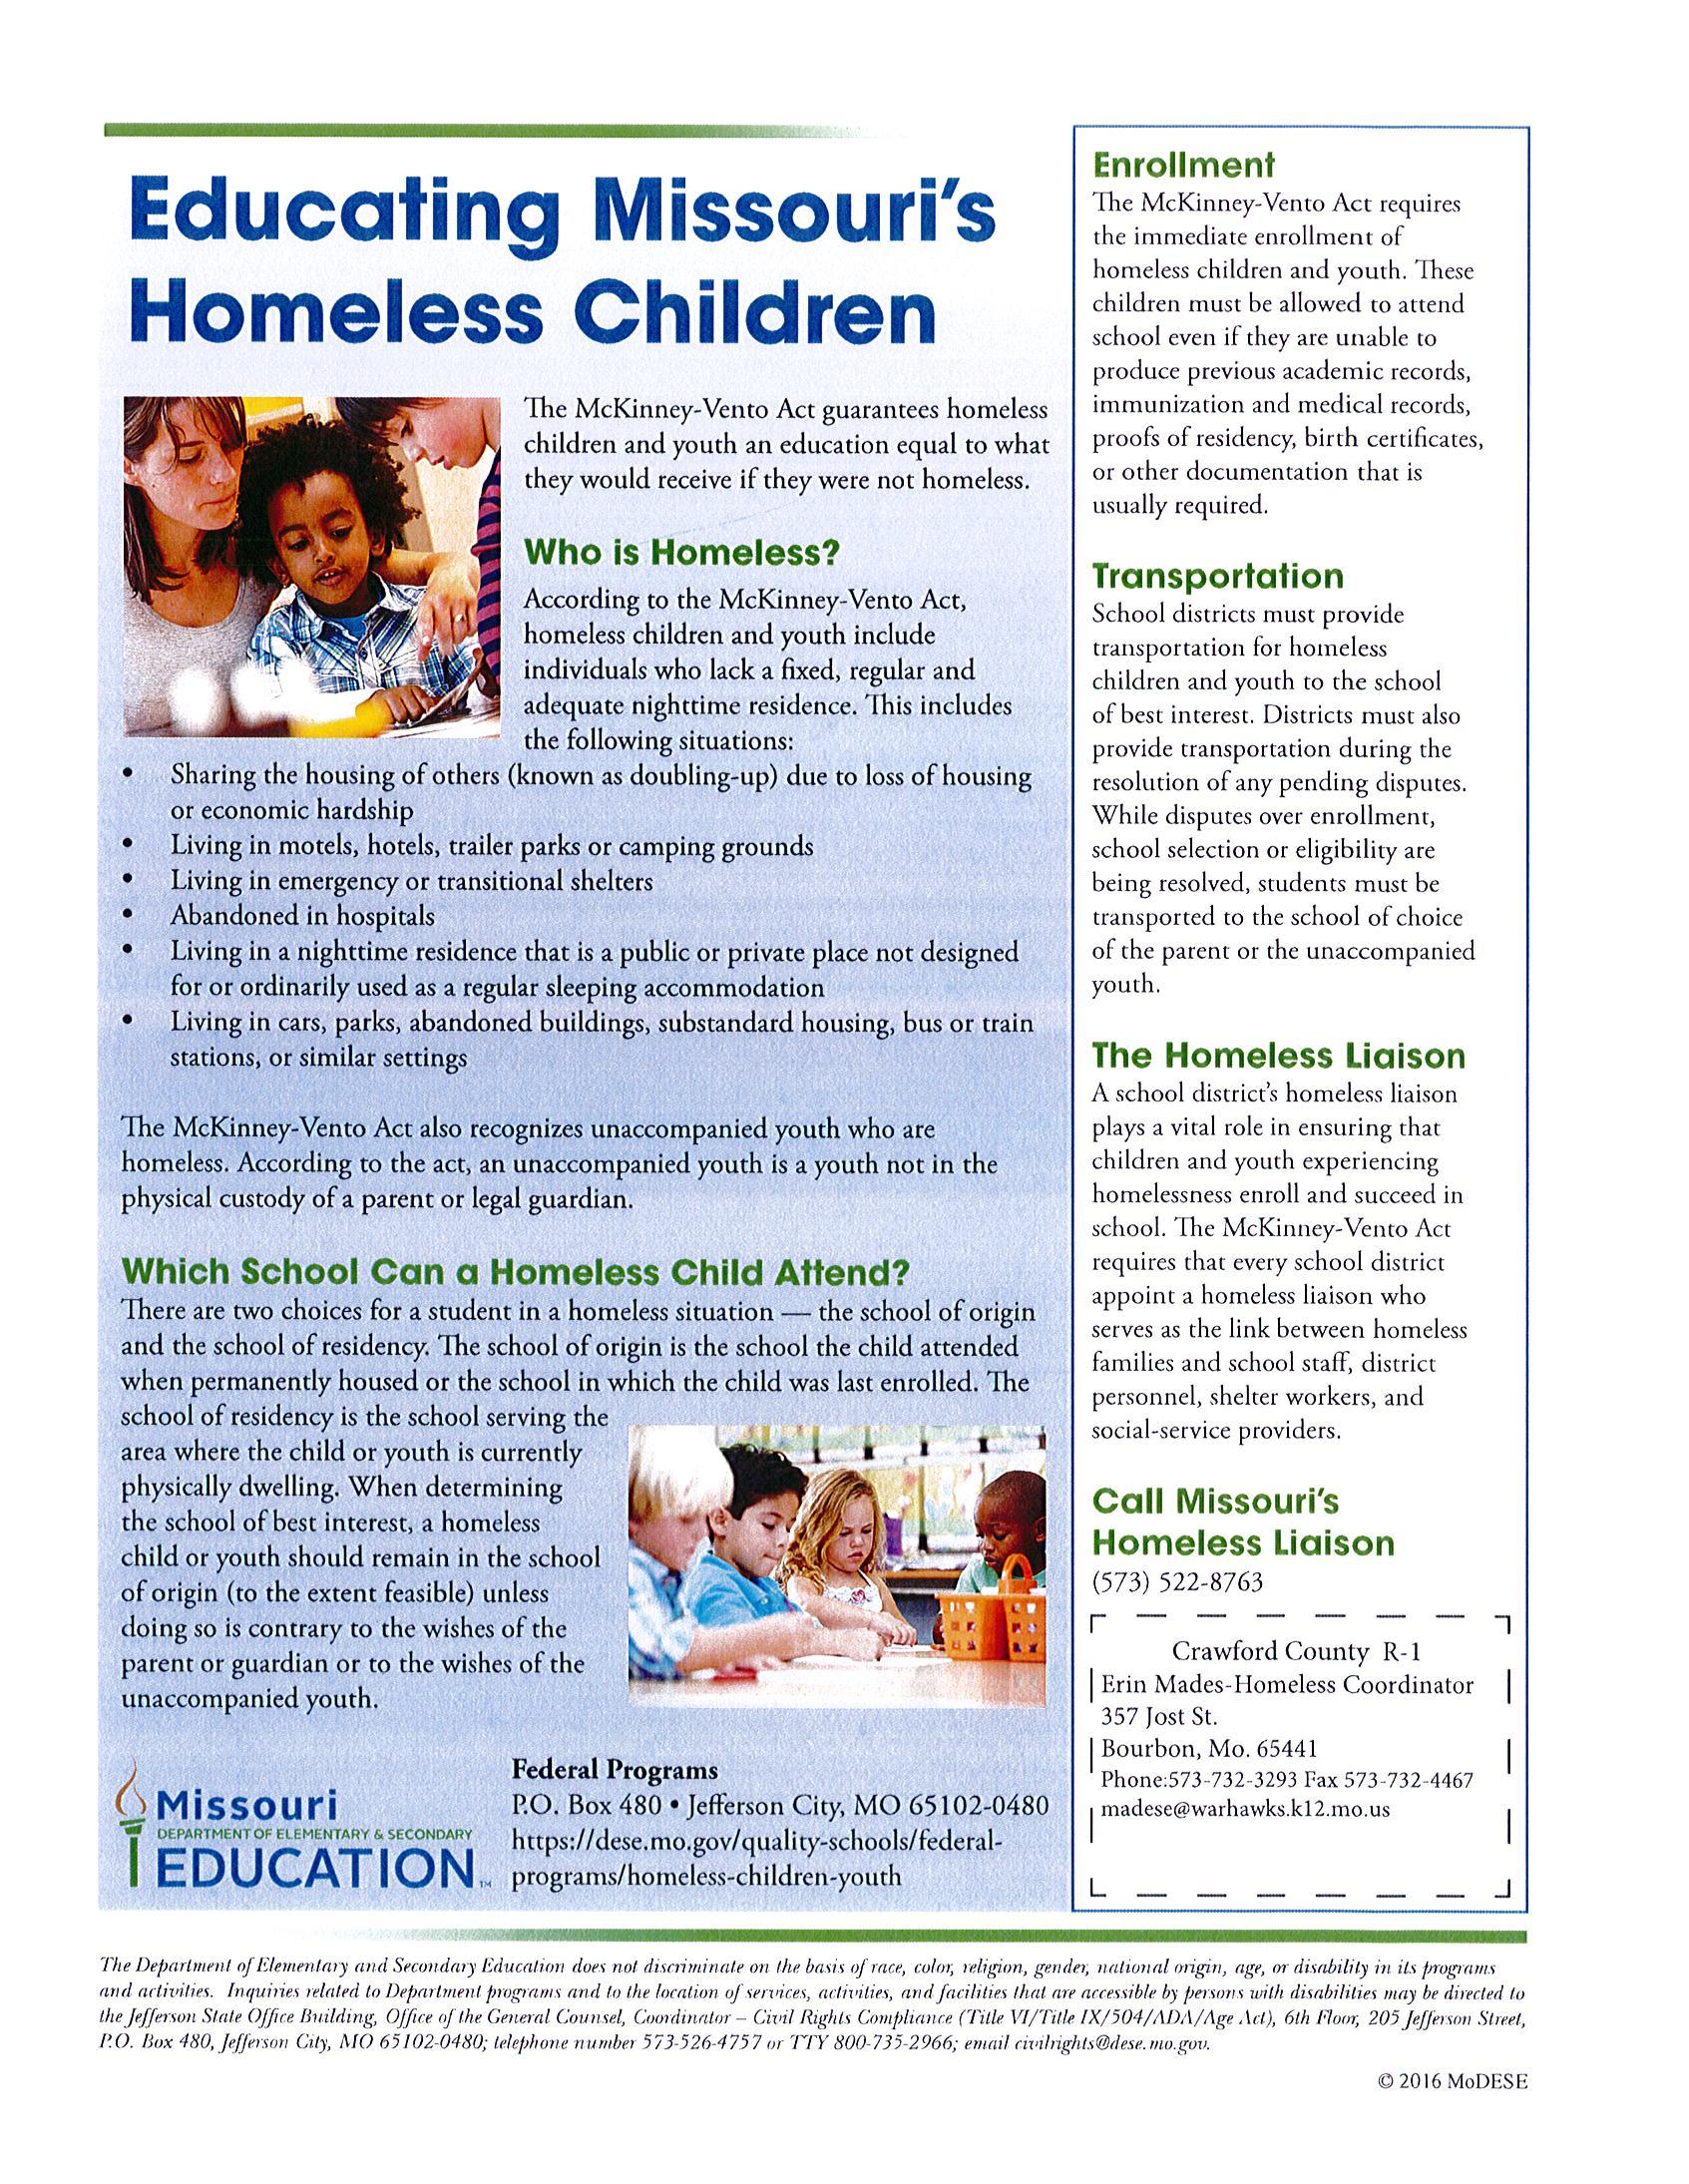 Educating Missouri's Homeless Children